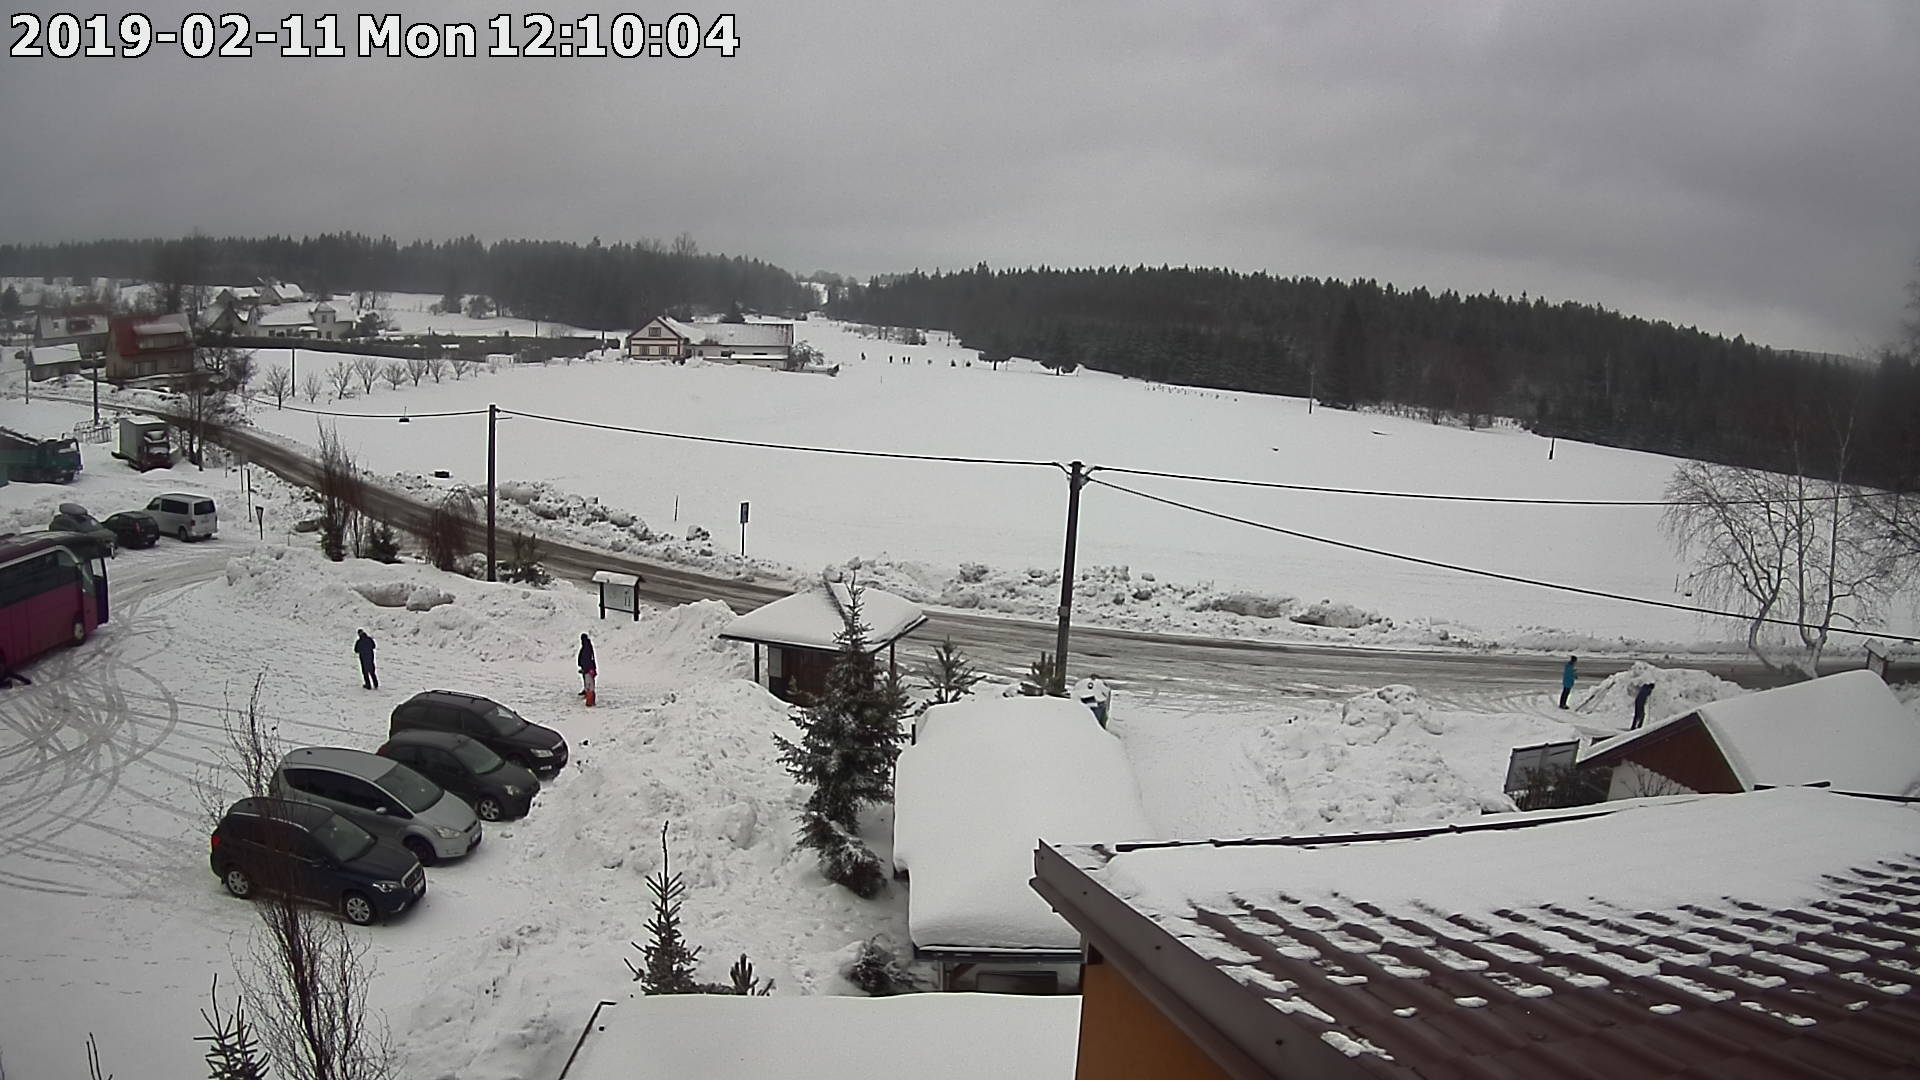 Webkamera ze dne 2019-02-11